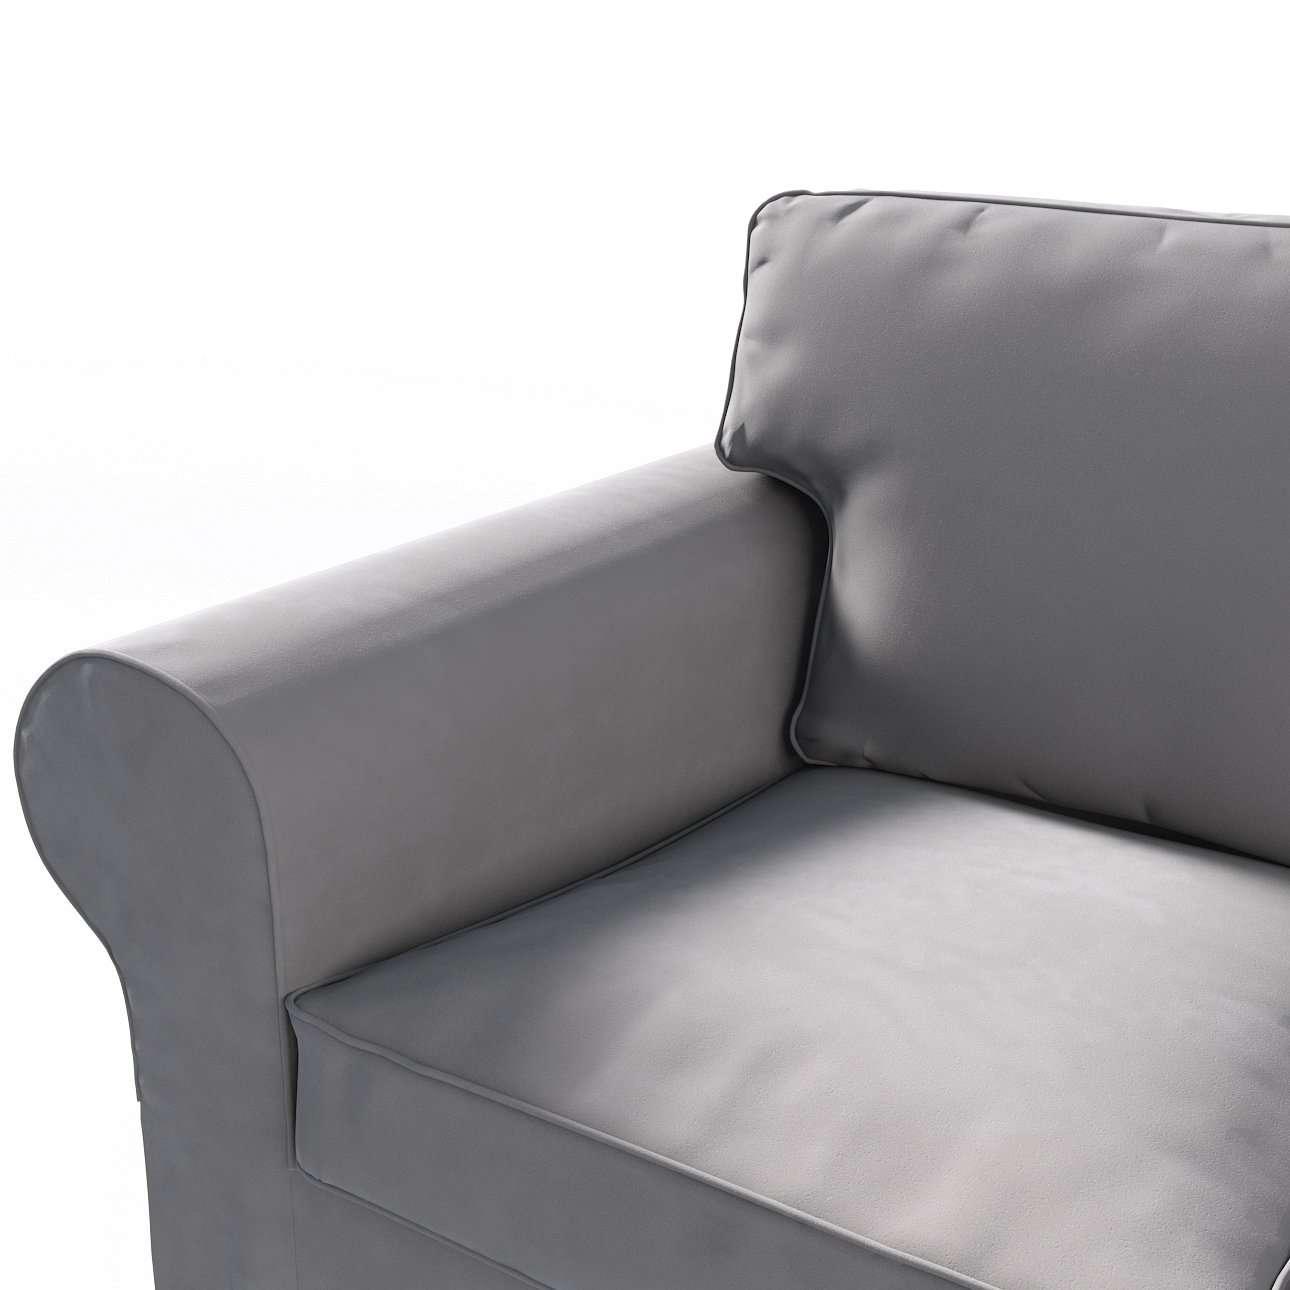 Pokrowiec na sofę Ektorp 3-osobową, rozkładaną, PIXBO w kolekcji Velvet, tkanina: 704-11